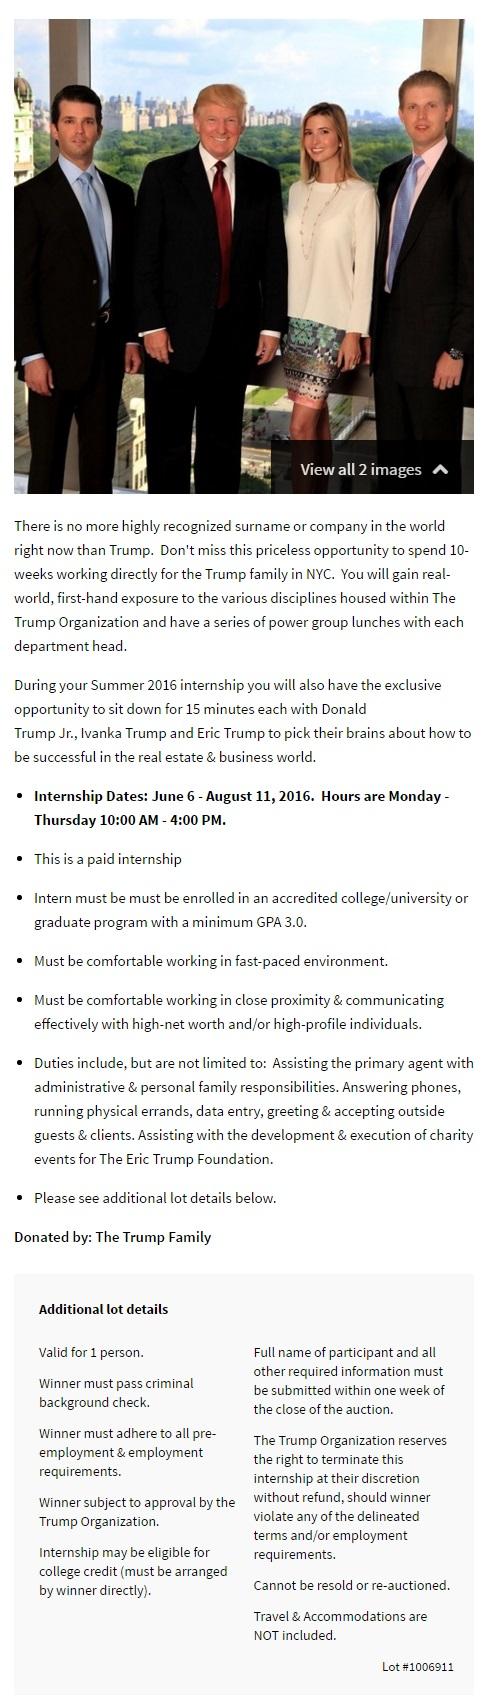 donald trump internship 1b